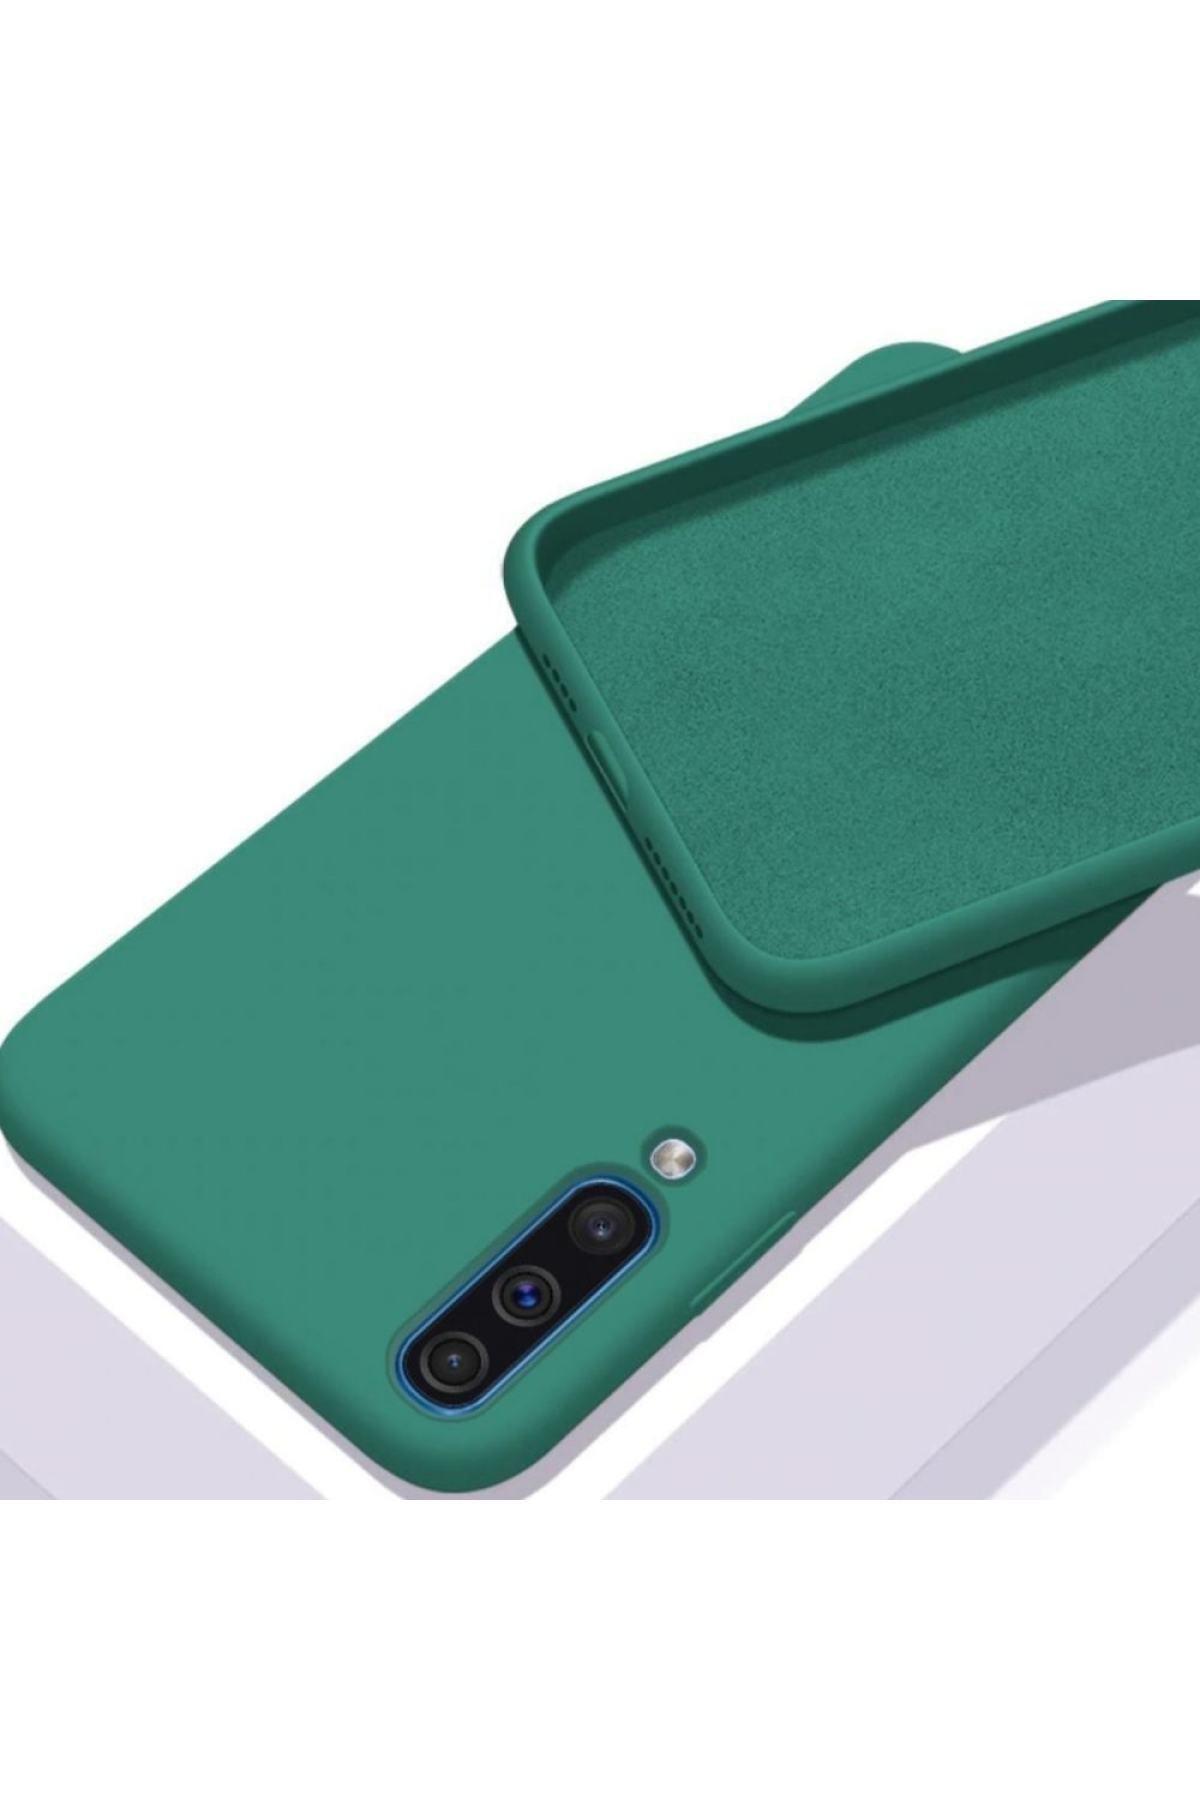 StectMobile Samsung Galaxy A50 Uyumlu İçi Kadife Lansman Kılıf 1